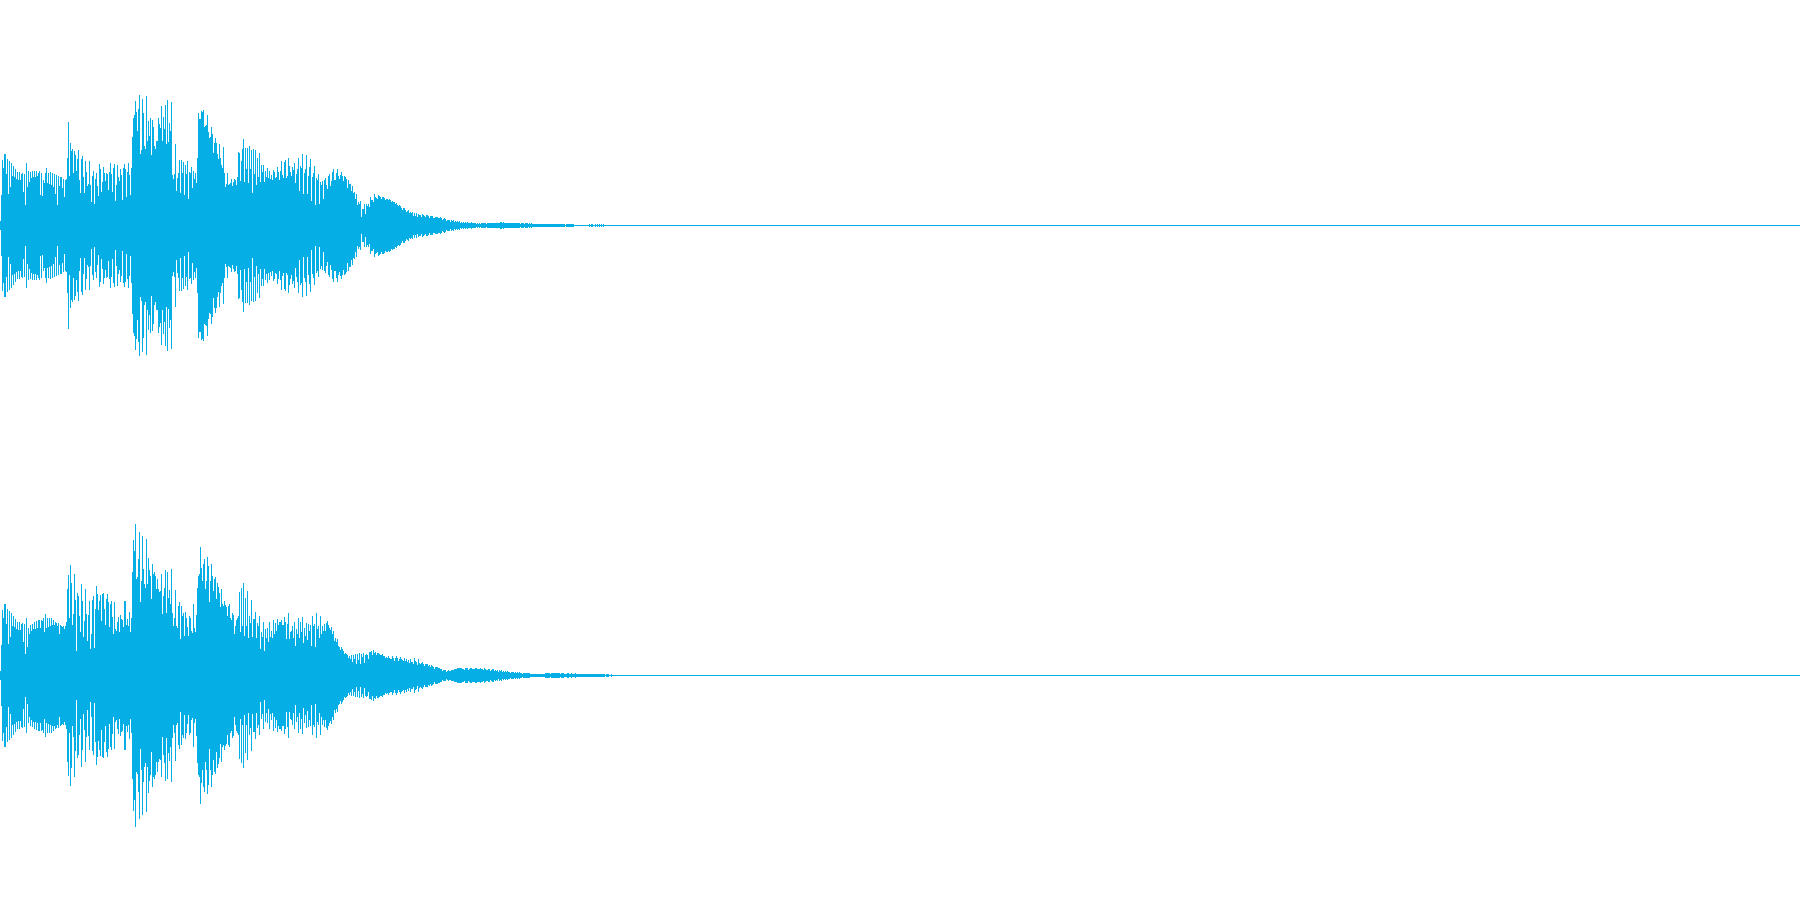 システム音07_シンセDWの再生済みの波形